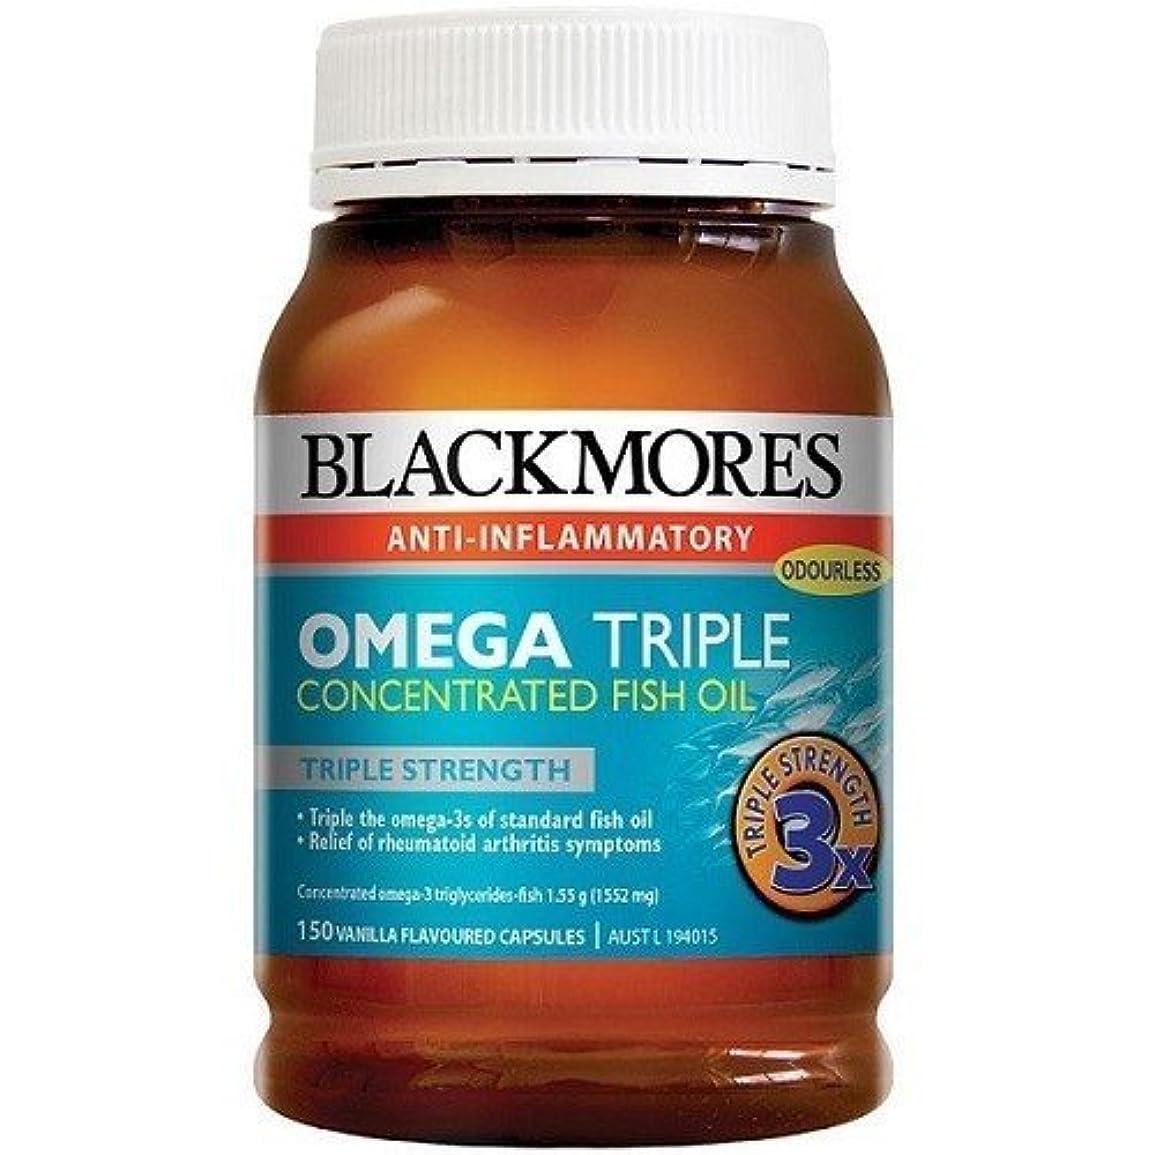 そこから行為広告Blackmores Omega Triple Concentrated Fish oil 150 cap by Blackmores LTD